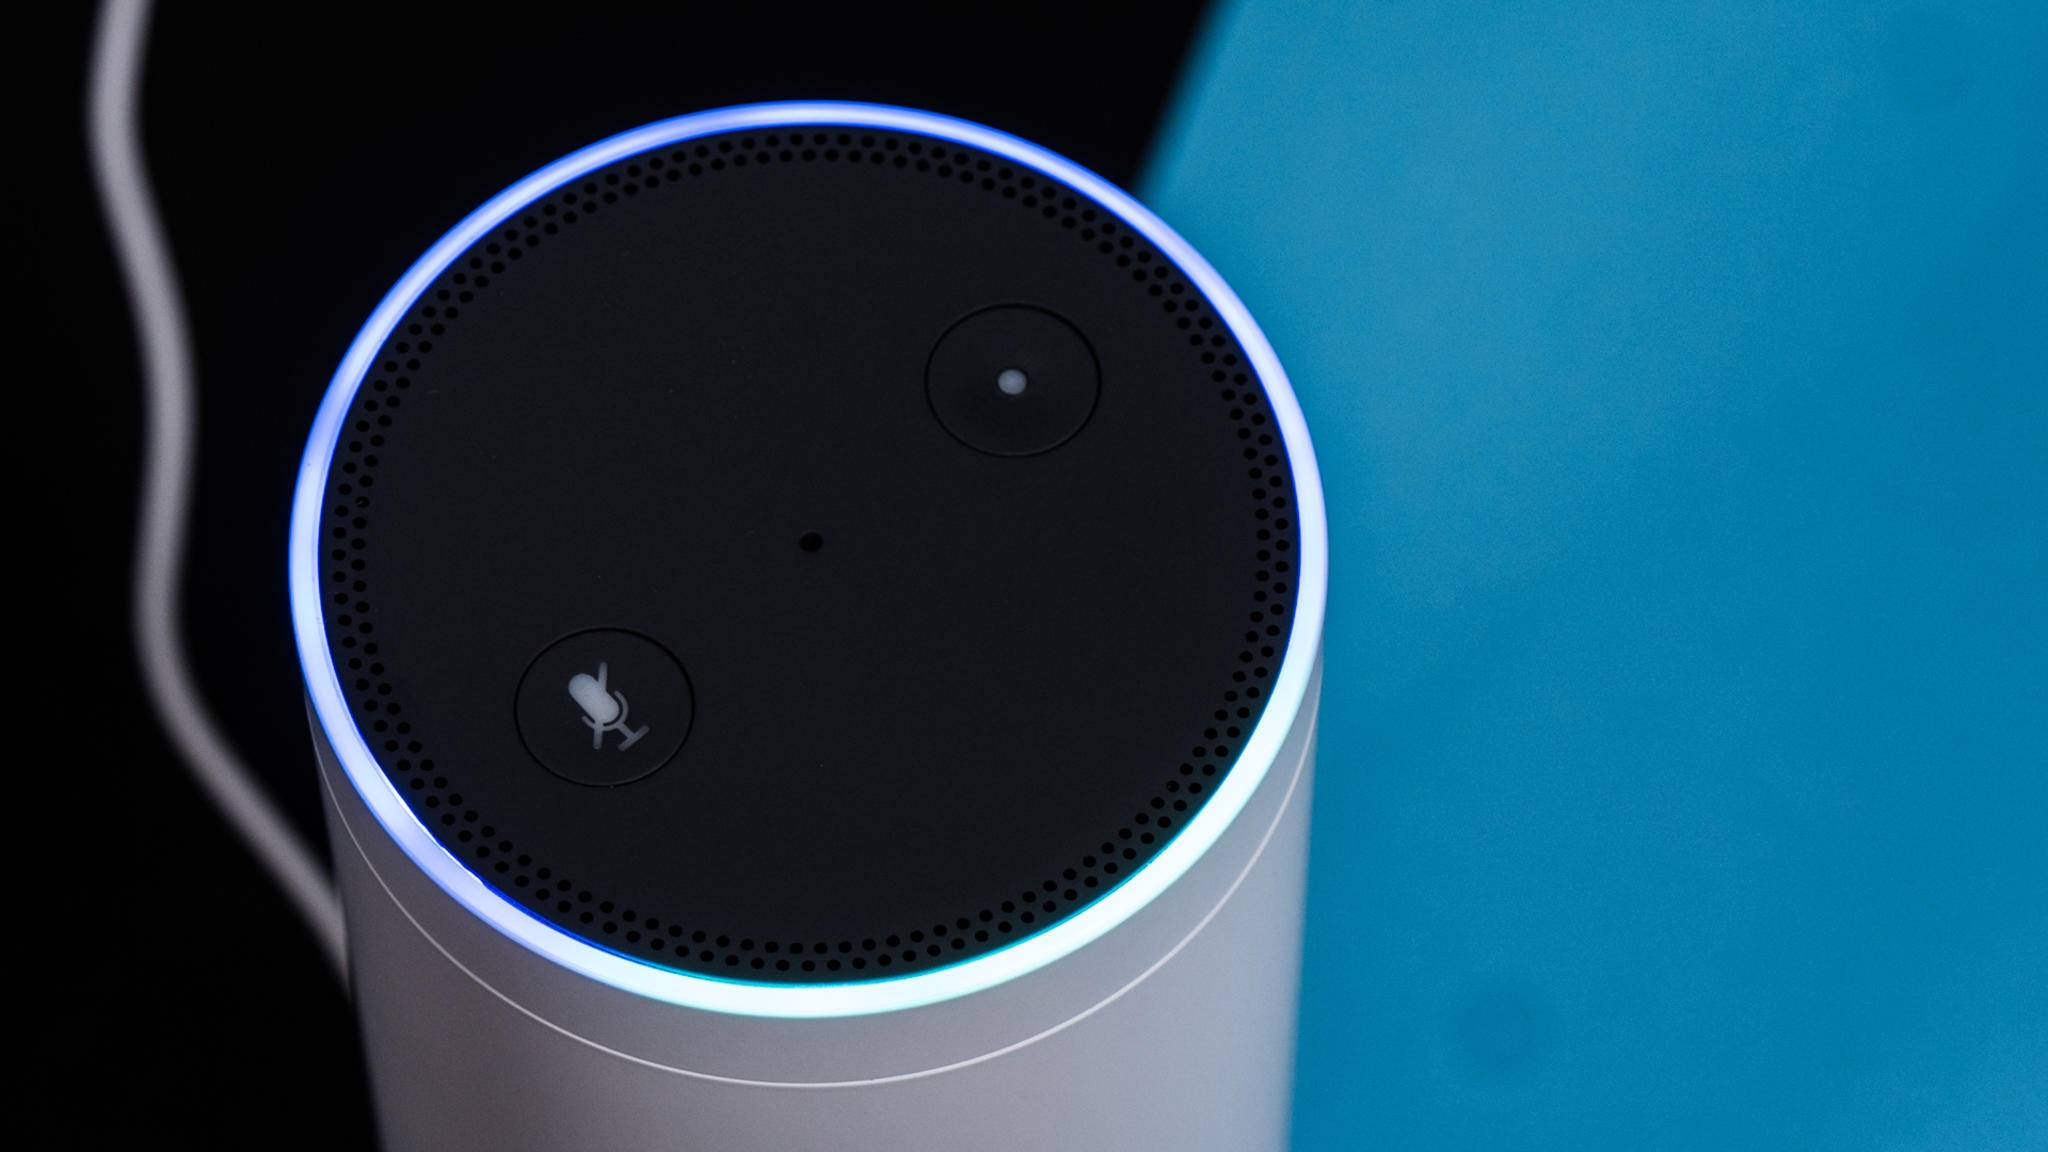 Alexa, die virtuelle Assistentin in Amazons Echo-Geräten, kann bald noch vielseitiger sprechen.